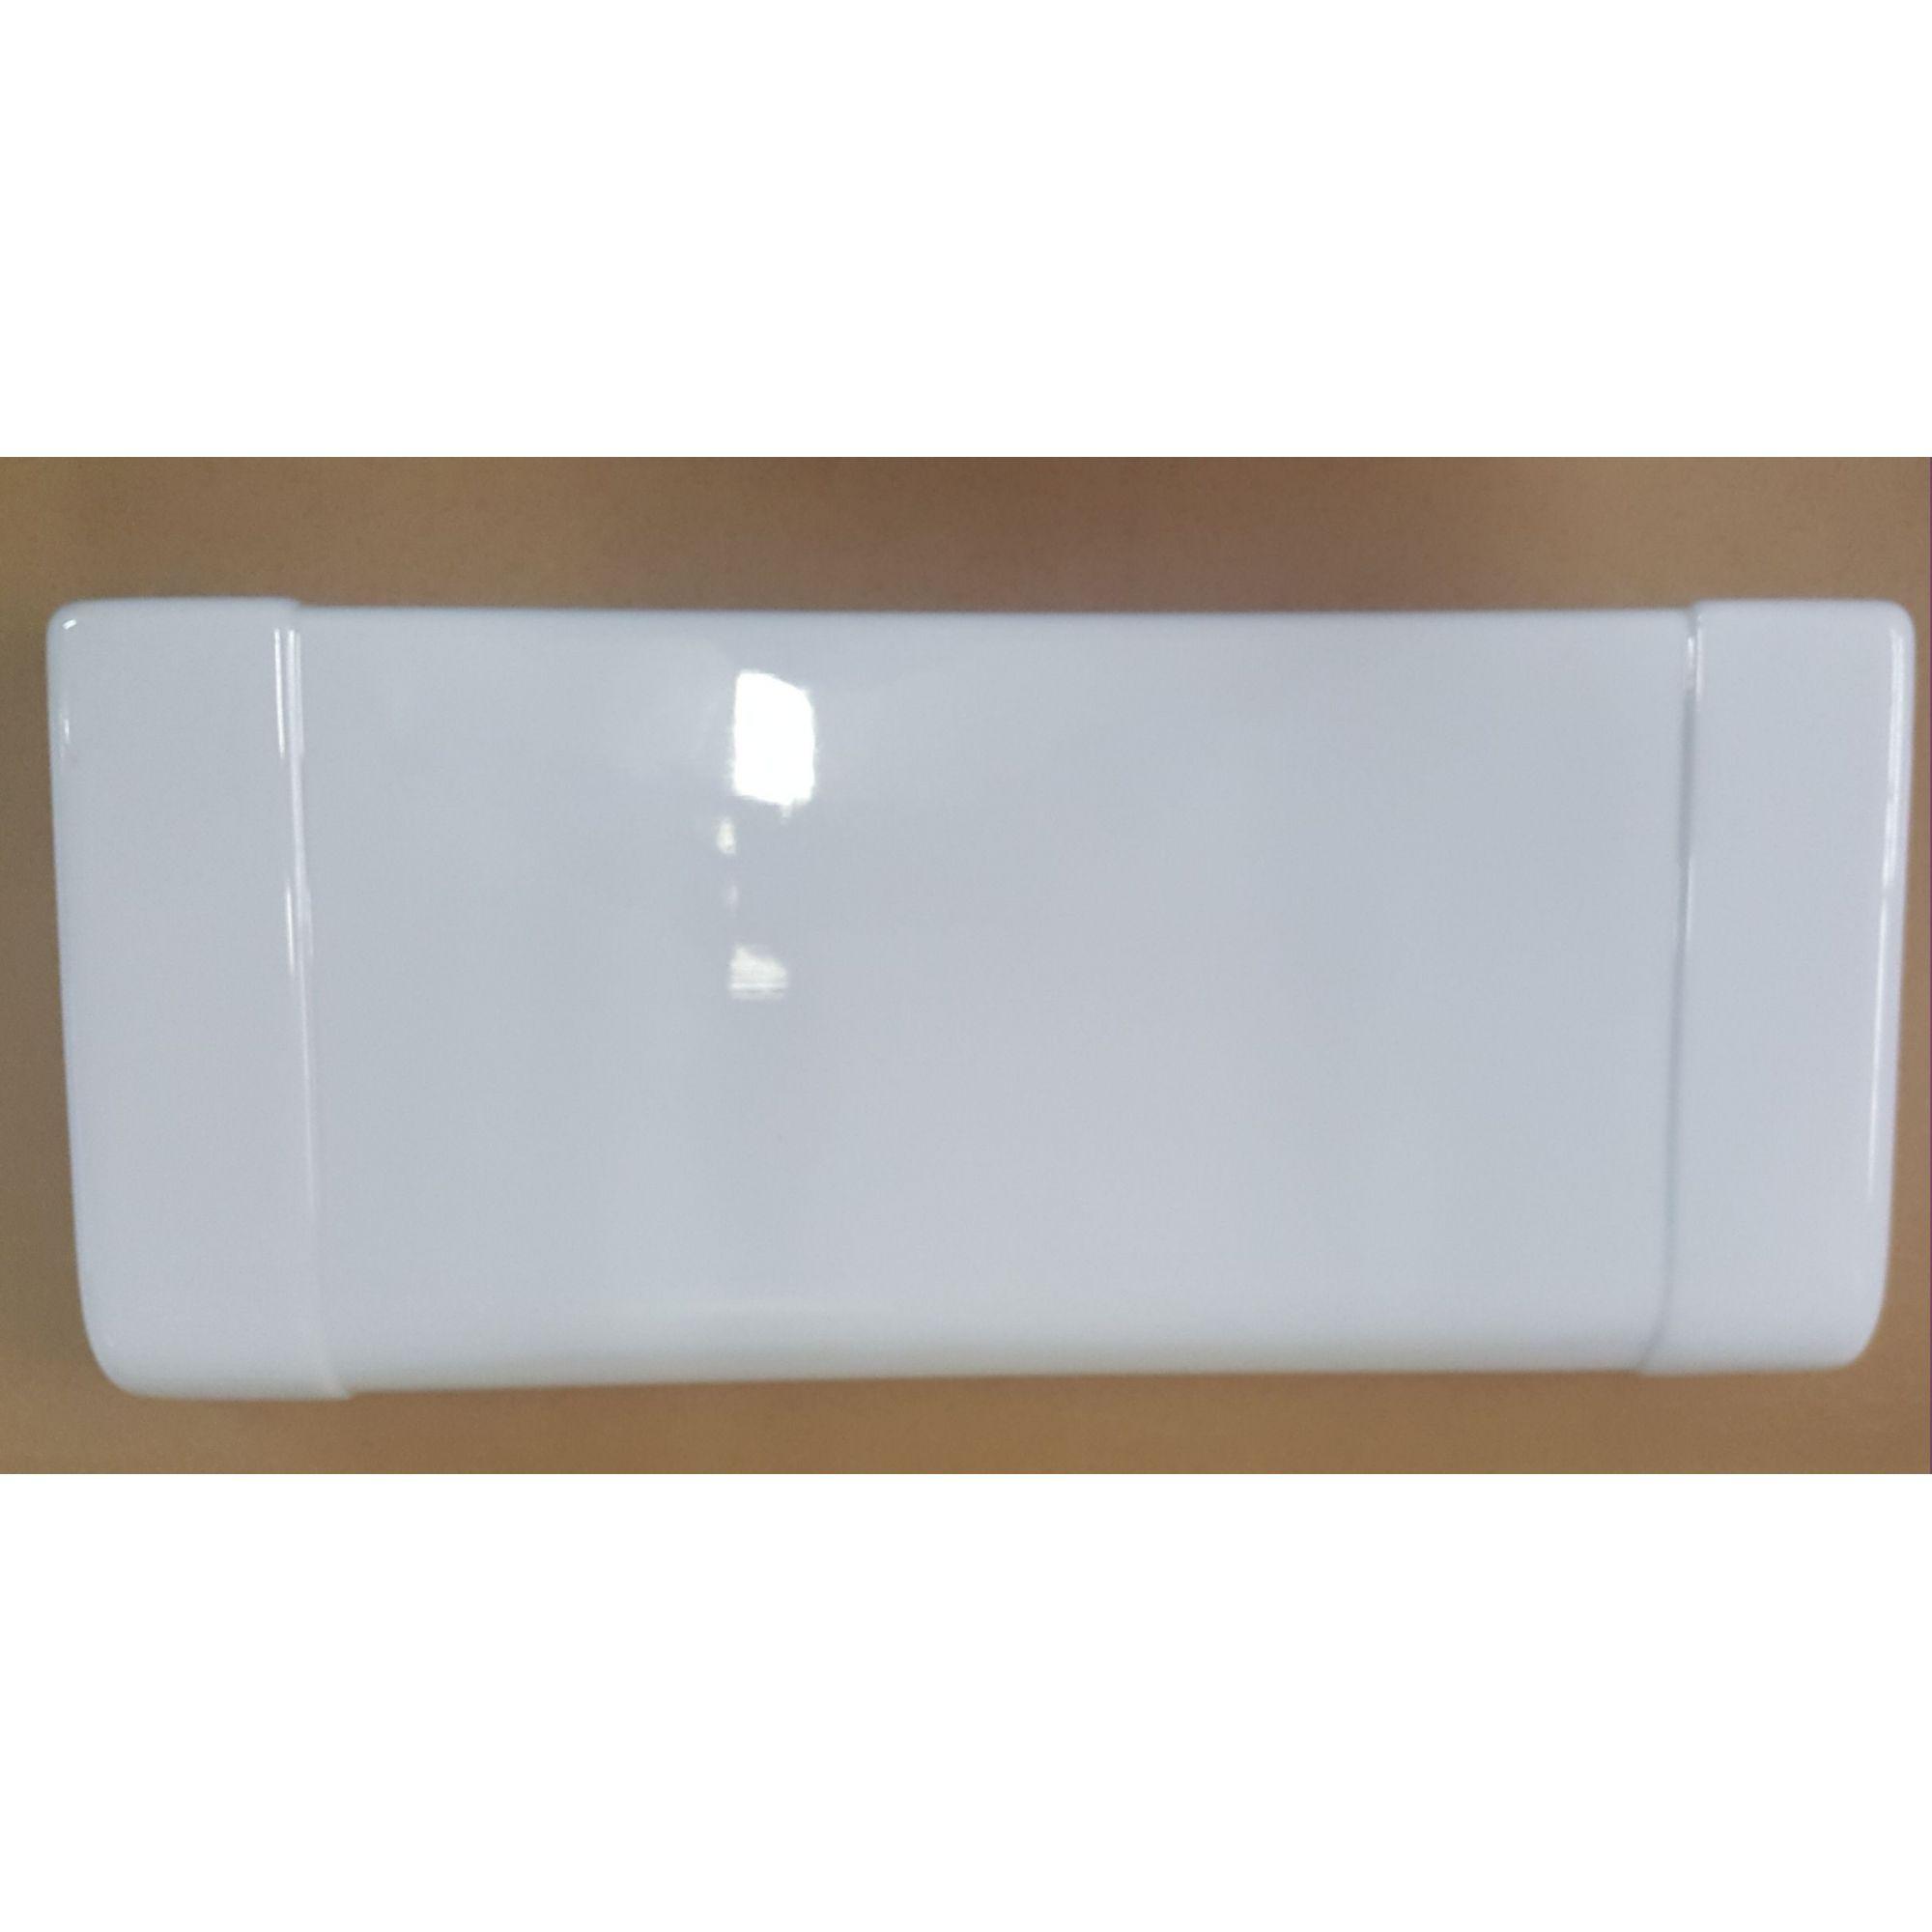 Testeira Expositor Metalfrio Slim Branca Medidas 22 x 50 cm